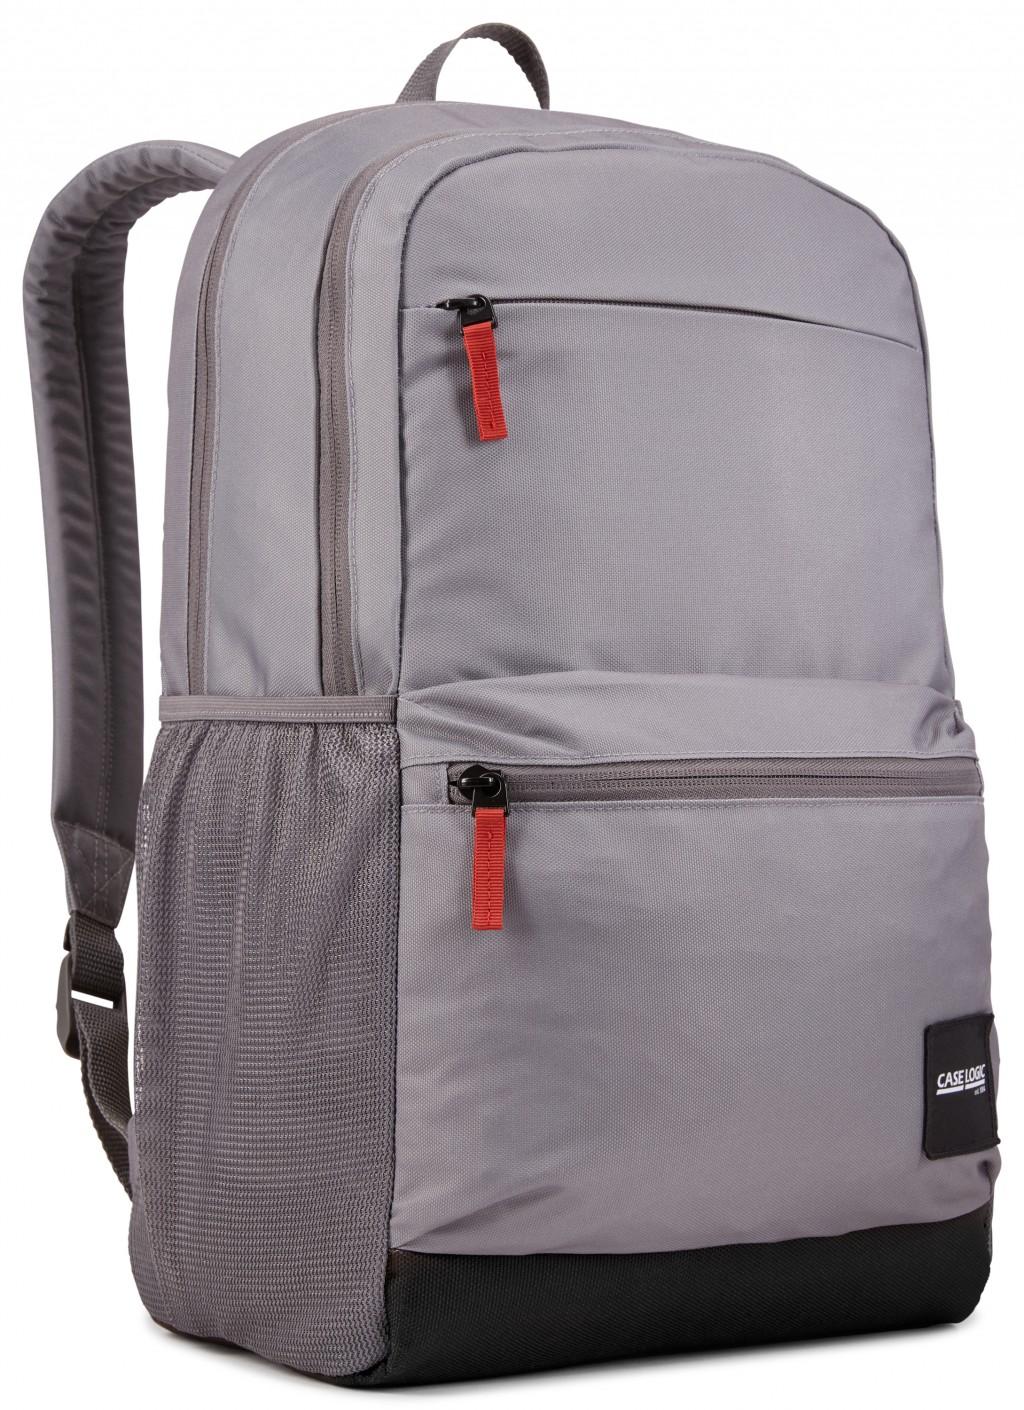 """Case Logic Uplink CCAM-3116 Fits up to size 15.6 """", Grey, 26 L, Shoulder strap, Backpack"""